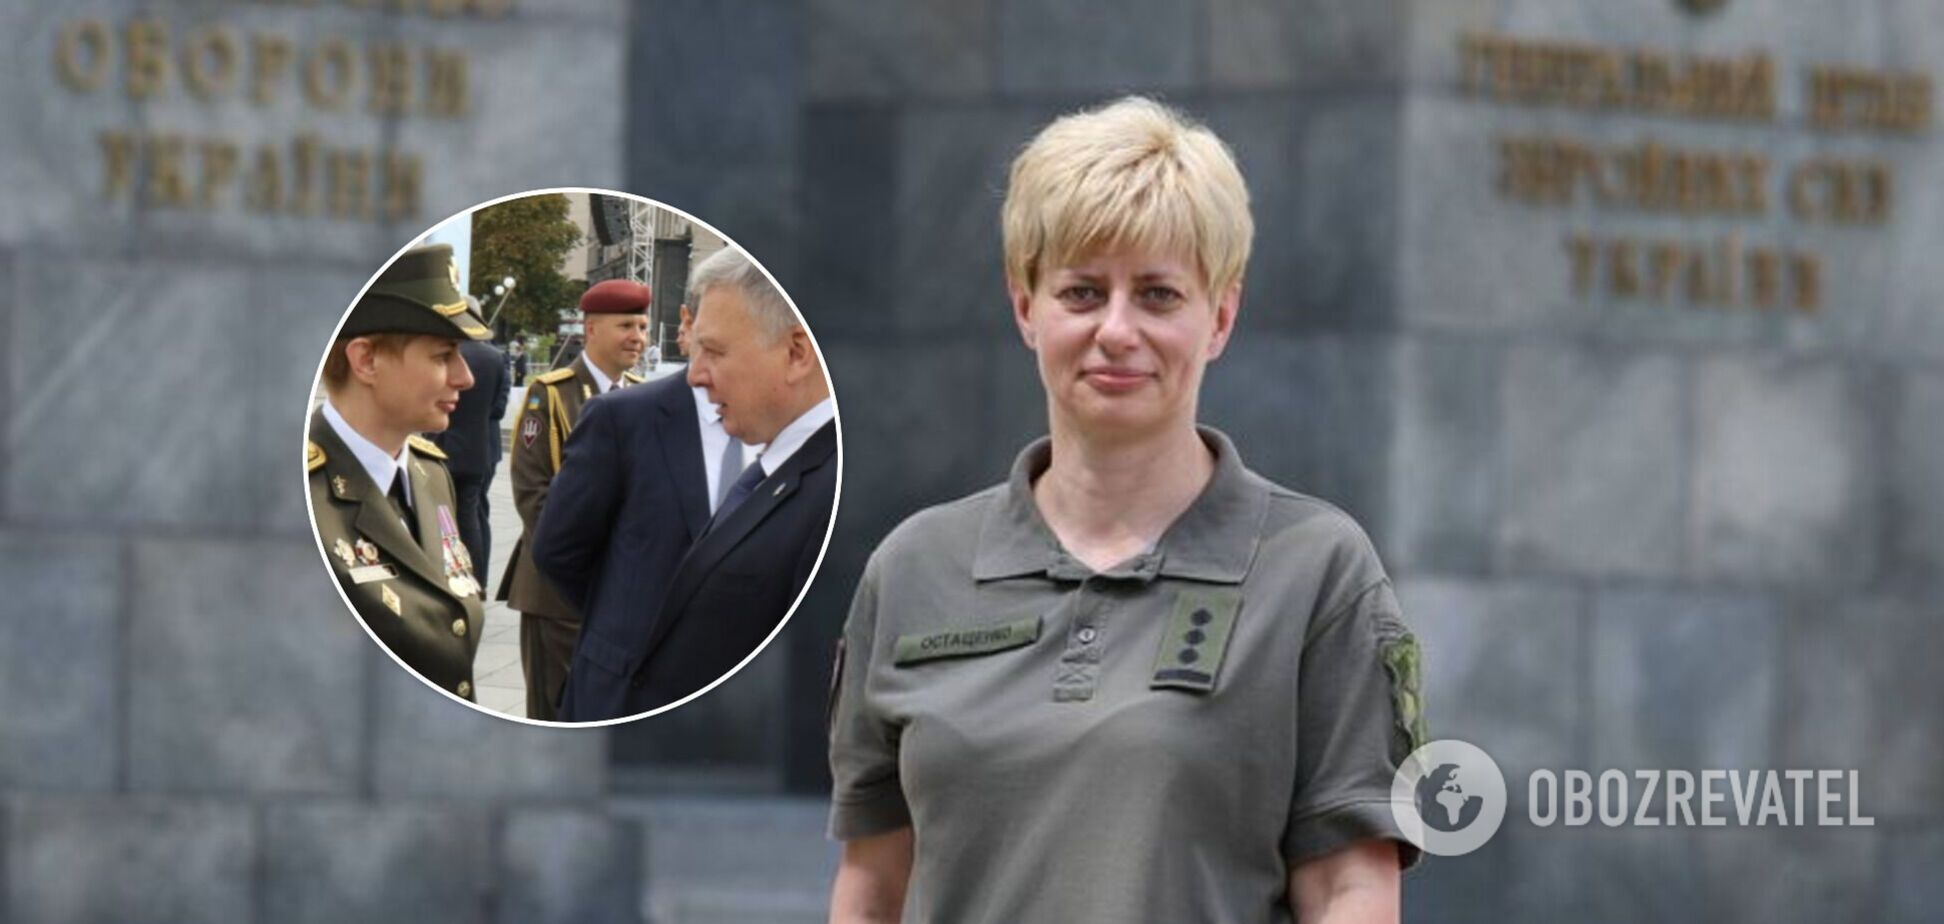 Головком Медичних сил України стала першим бригадним генералом-жінкою в ЗСУ